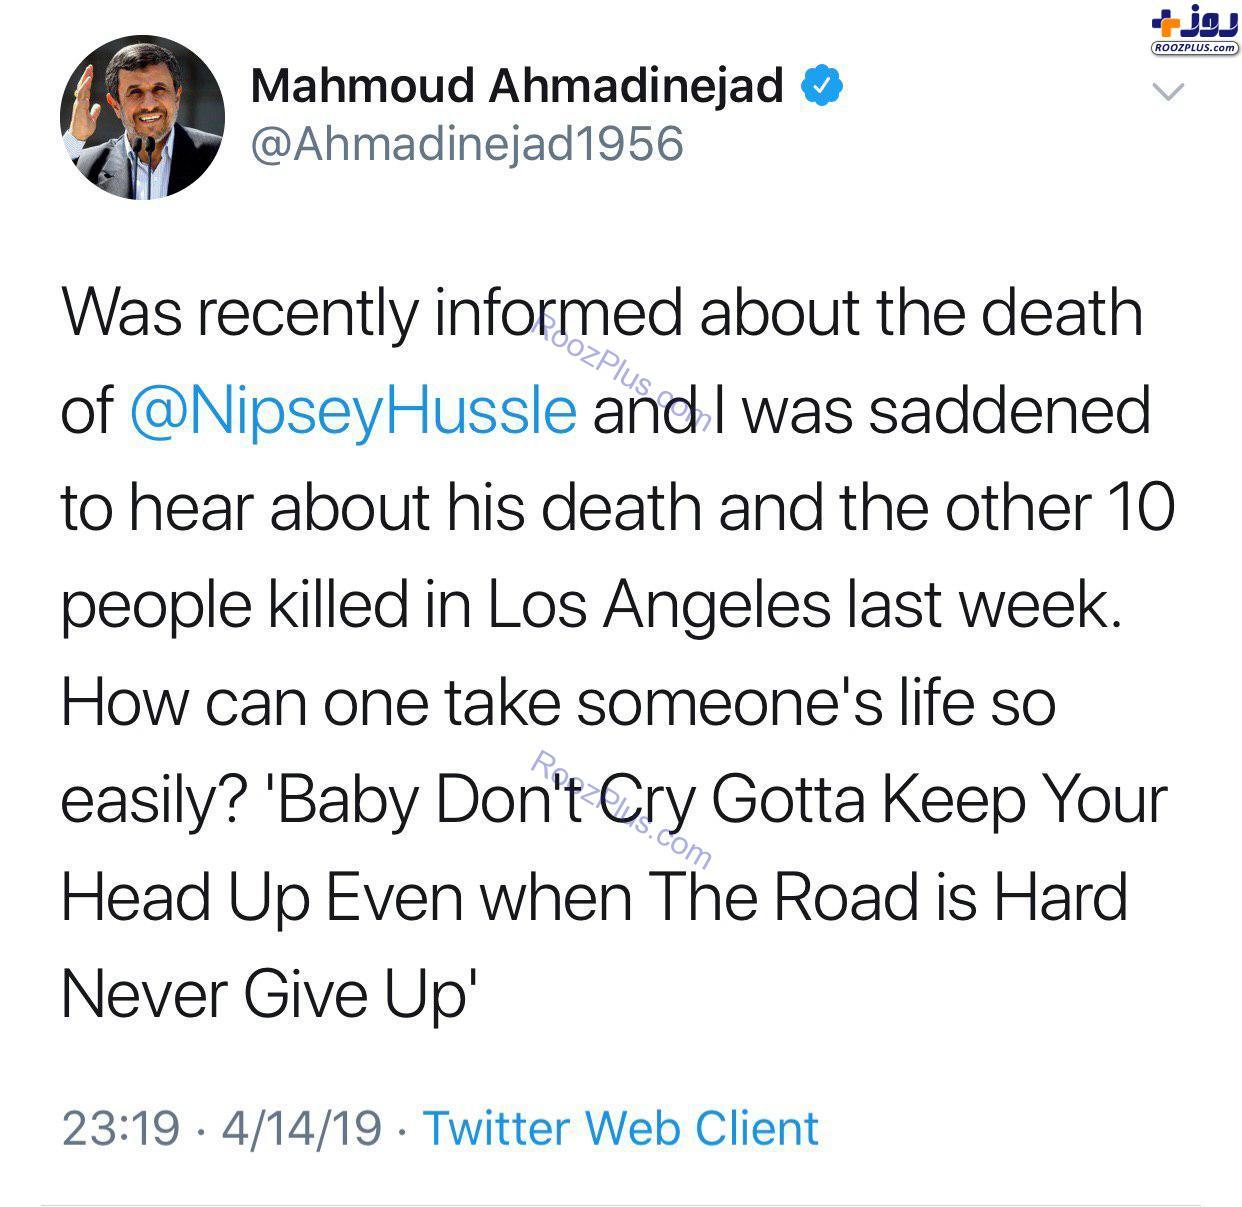 اندوه عجیب احمدی نژاد بخاطر مرگ رپر آمریکایی! +عکس